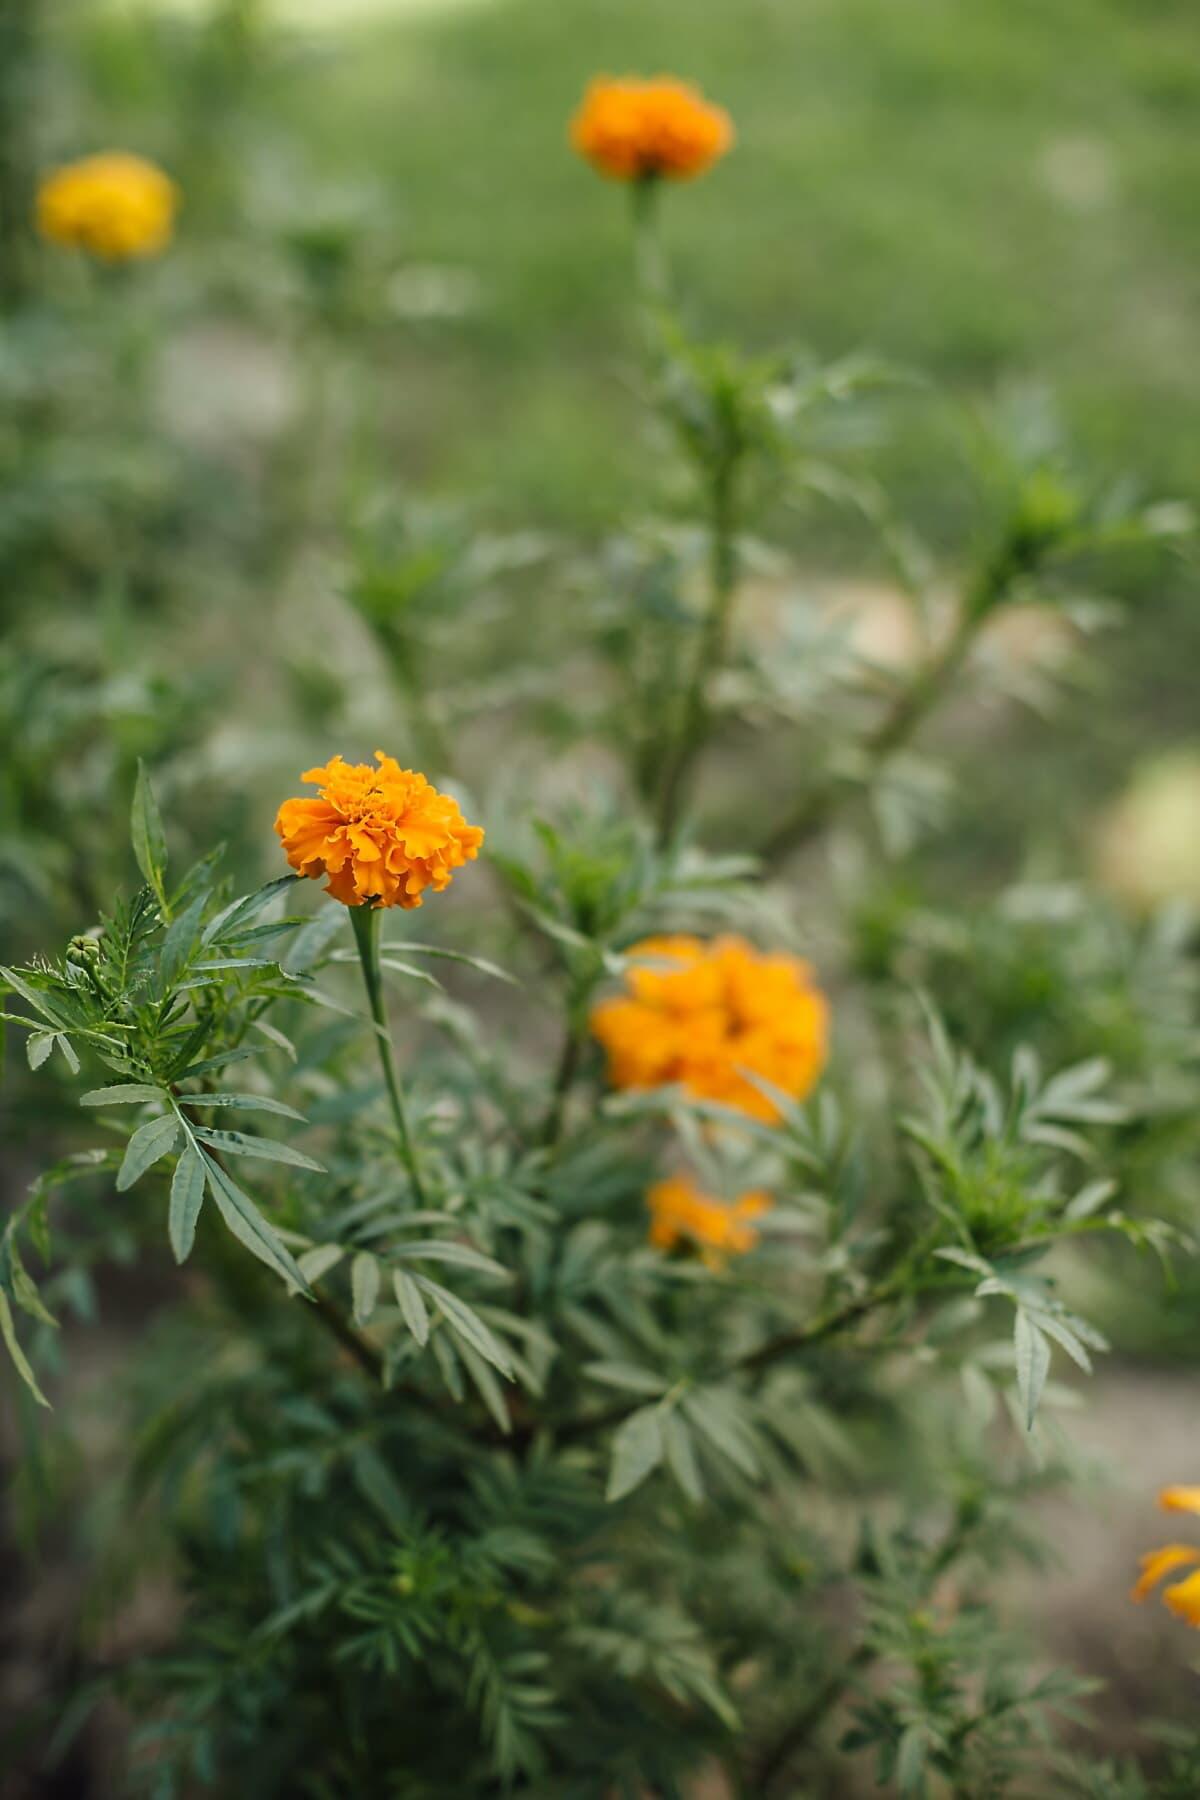 wildflower, orange yellow, flower, herb, blossom, plant, meadow, spring, garden, flora